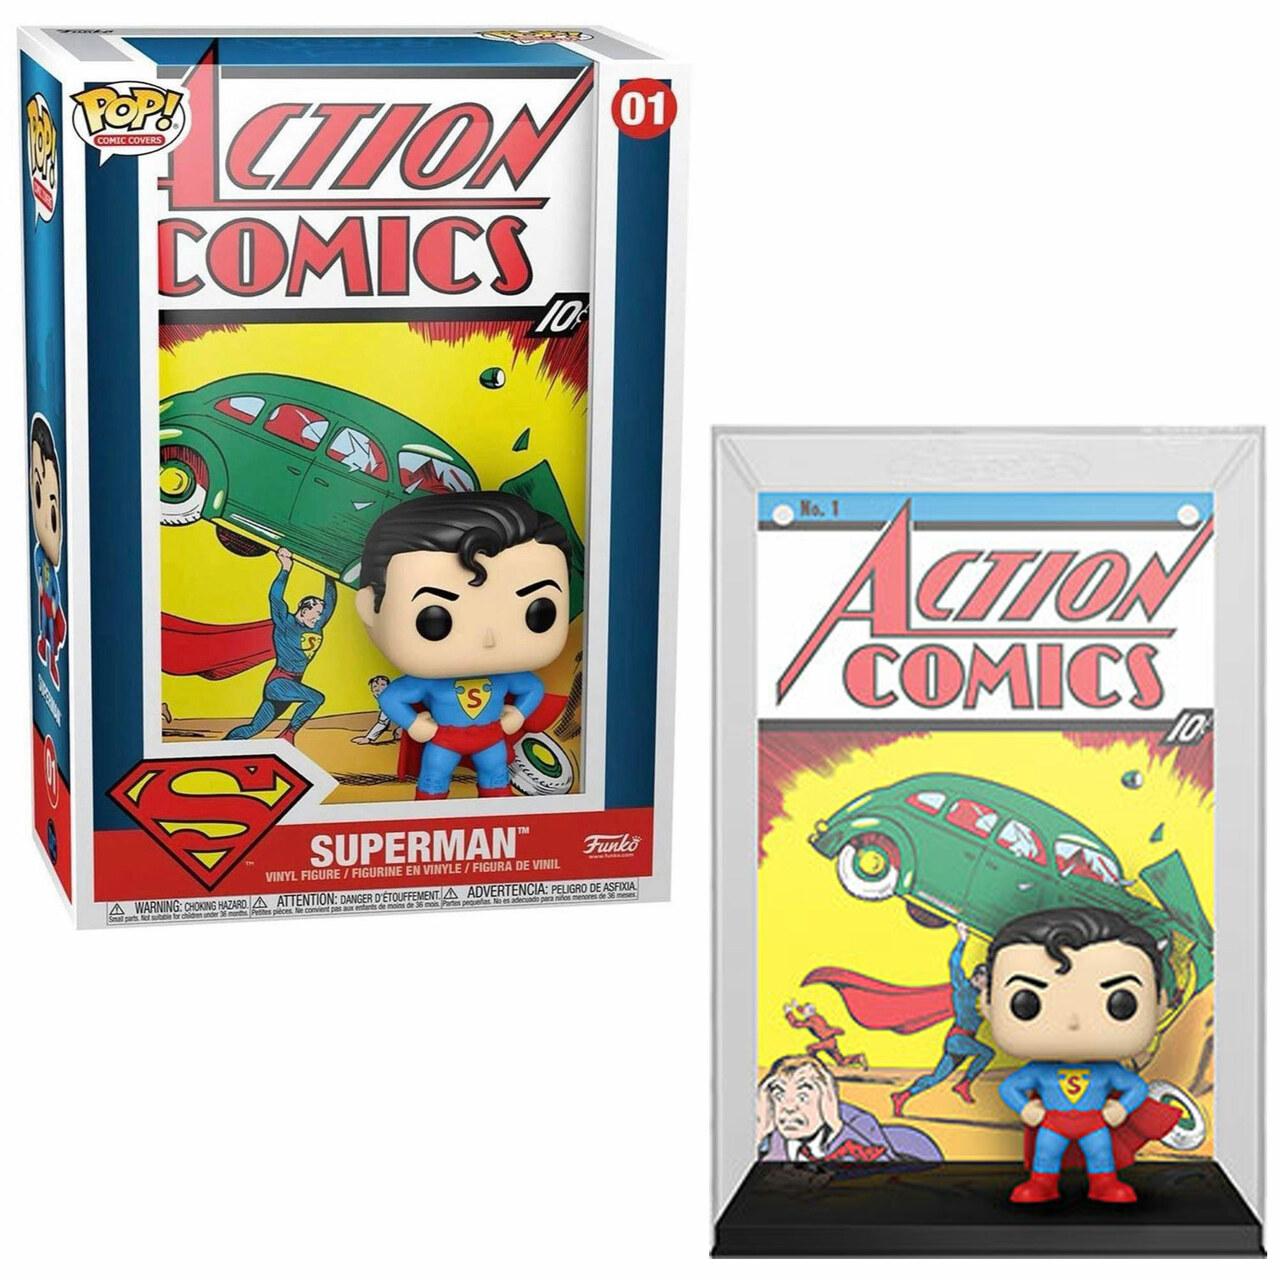 Funko Pop! Super Homem Super Man Clássico: Action Comics DC Comics HQ 01 Comic Cover #01 - Funko